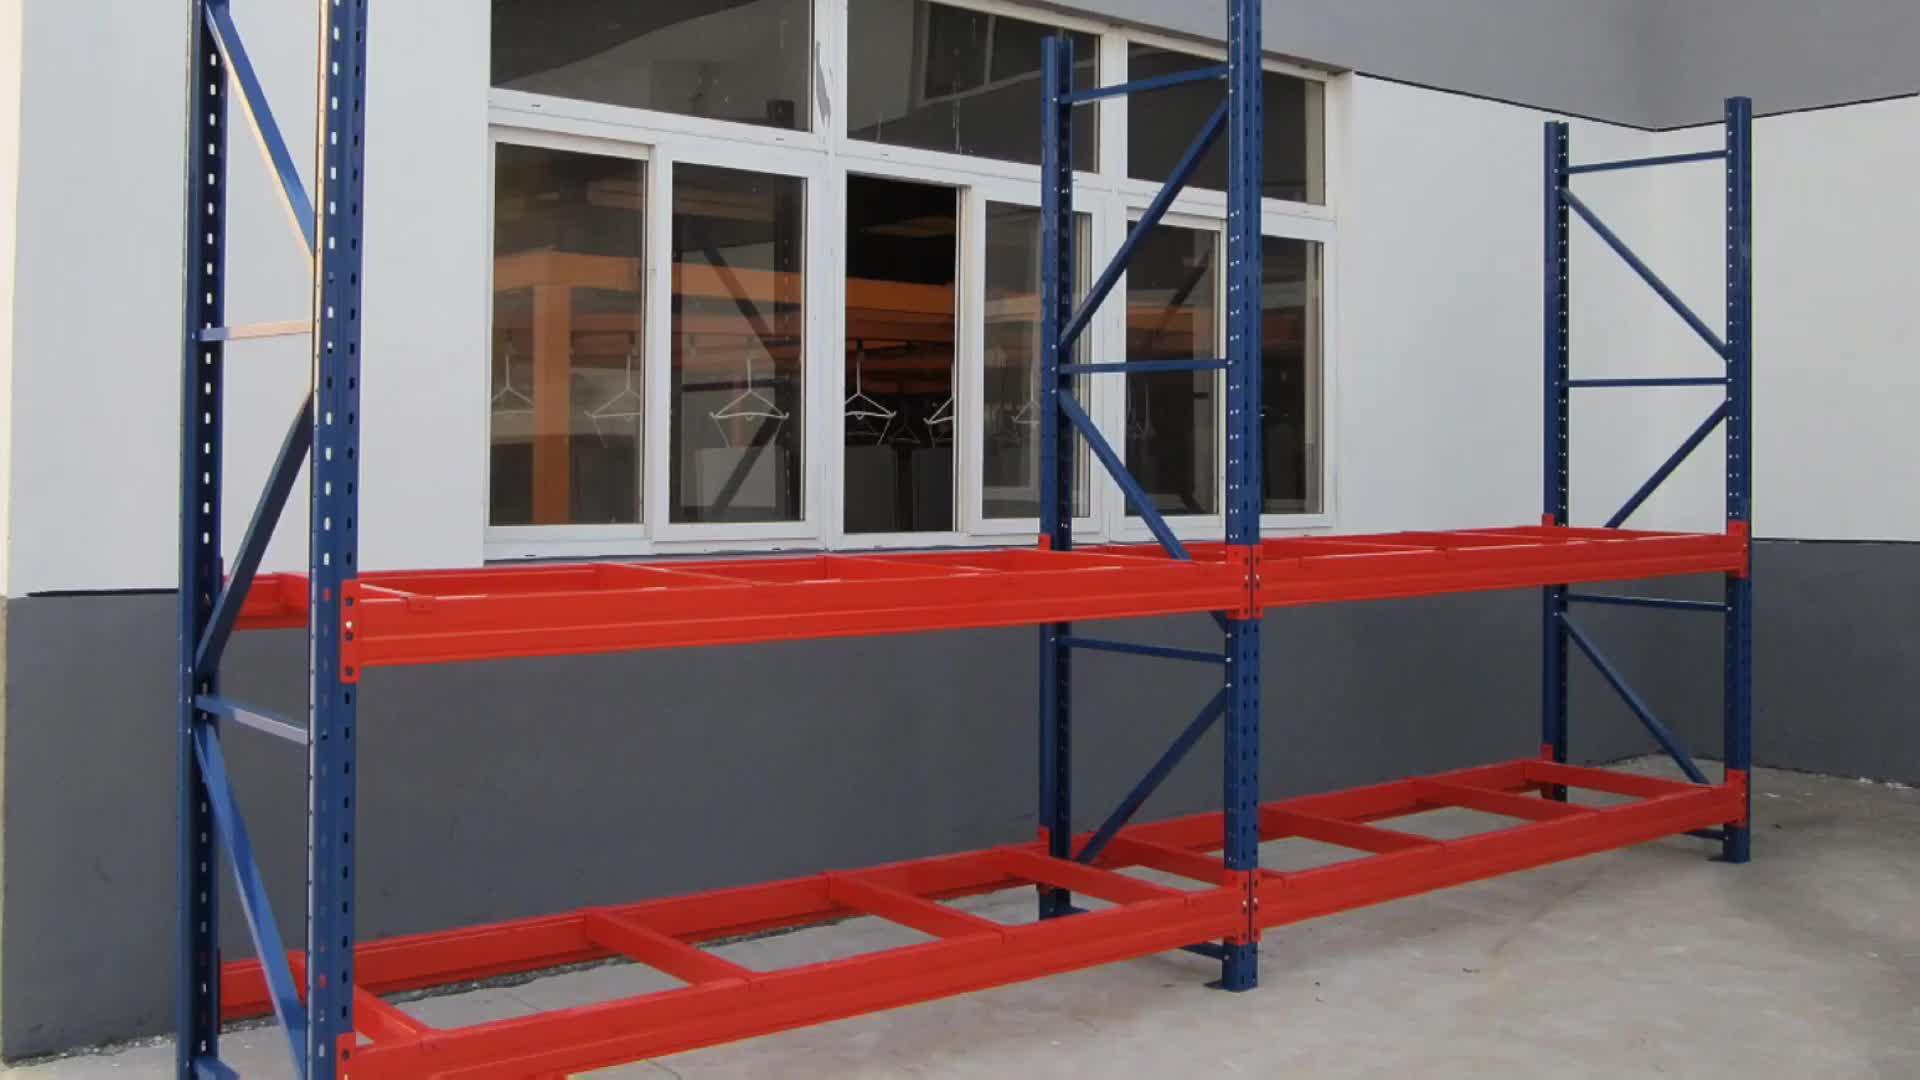 4,5 de servicio pesado T por capa de metal de almacenamiento de almacén de estanterías de paletas para el almacenamiento industrial